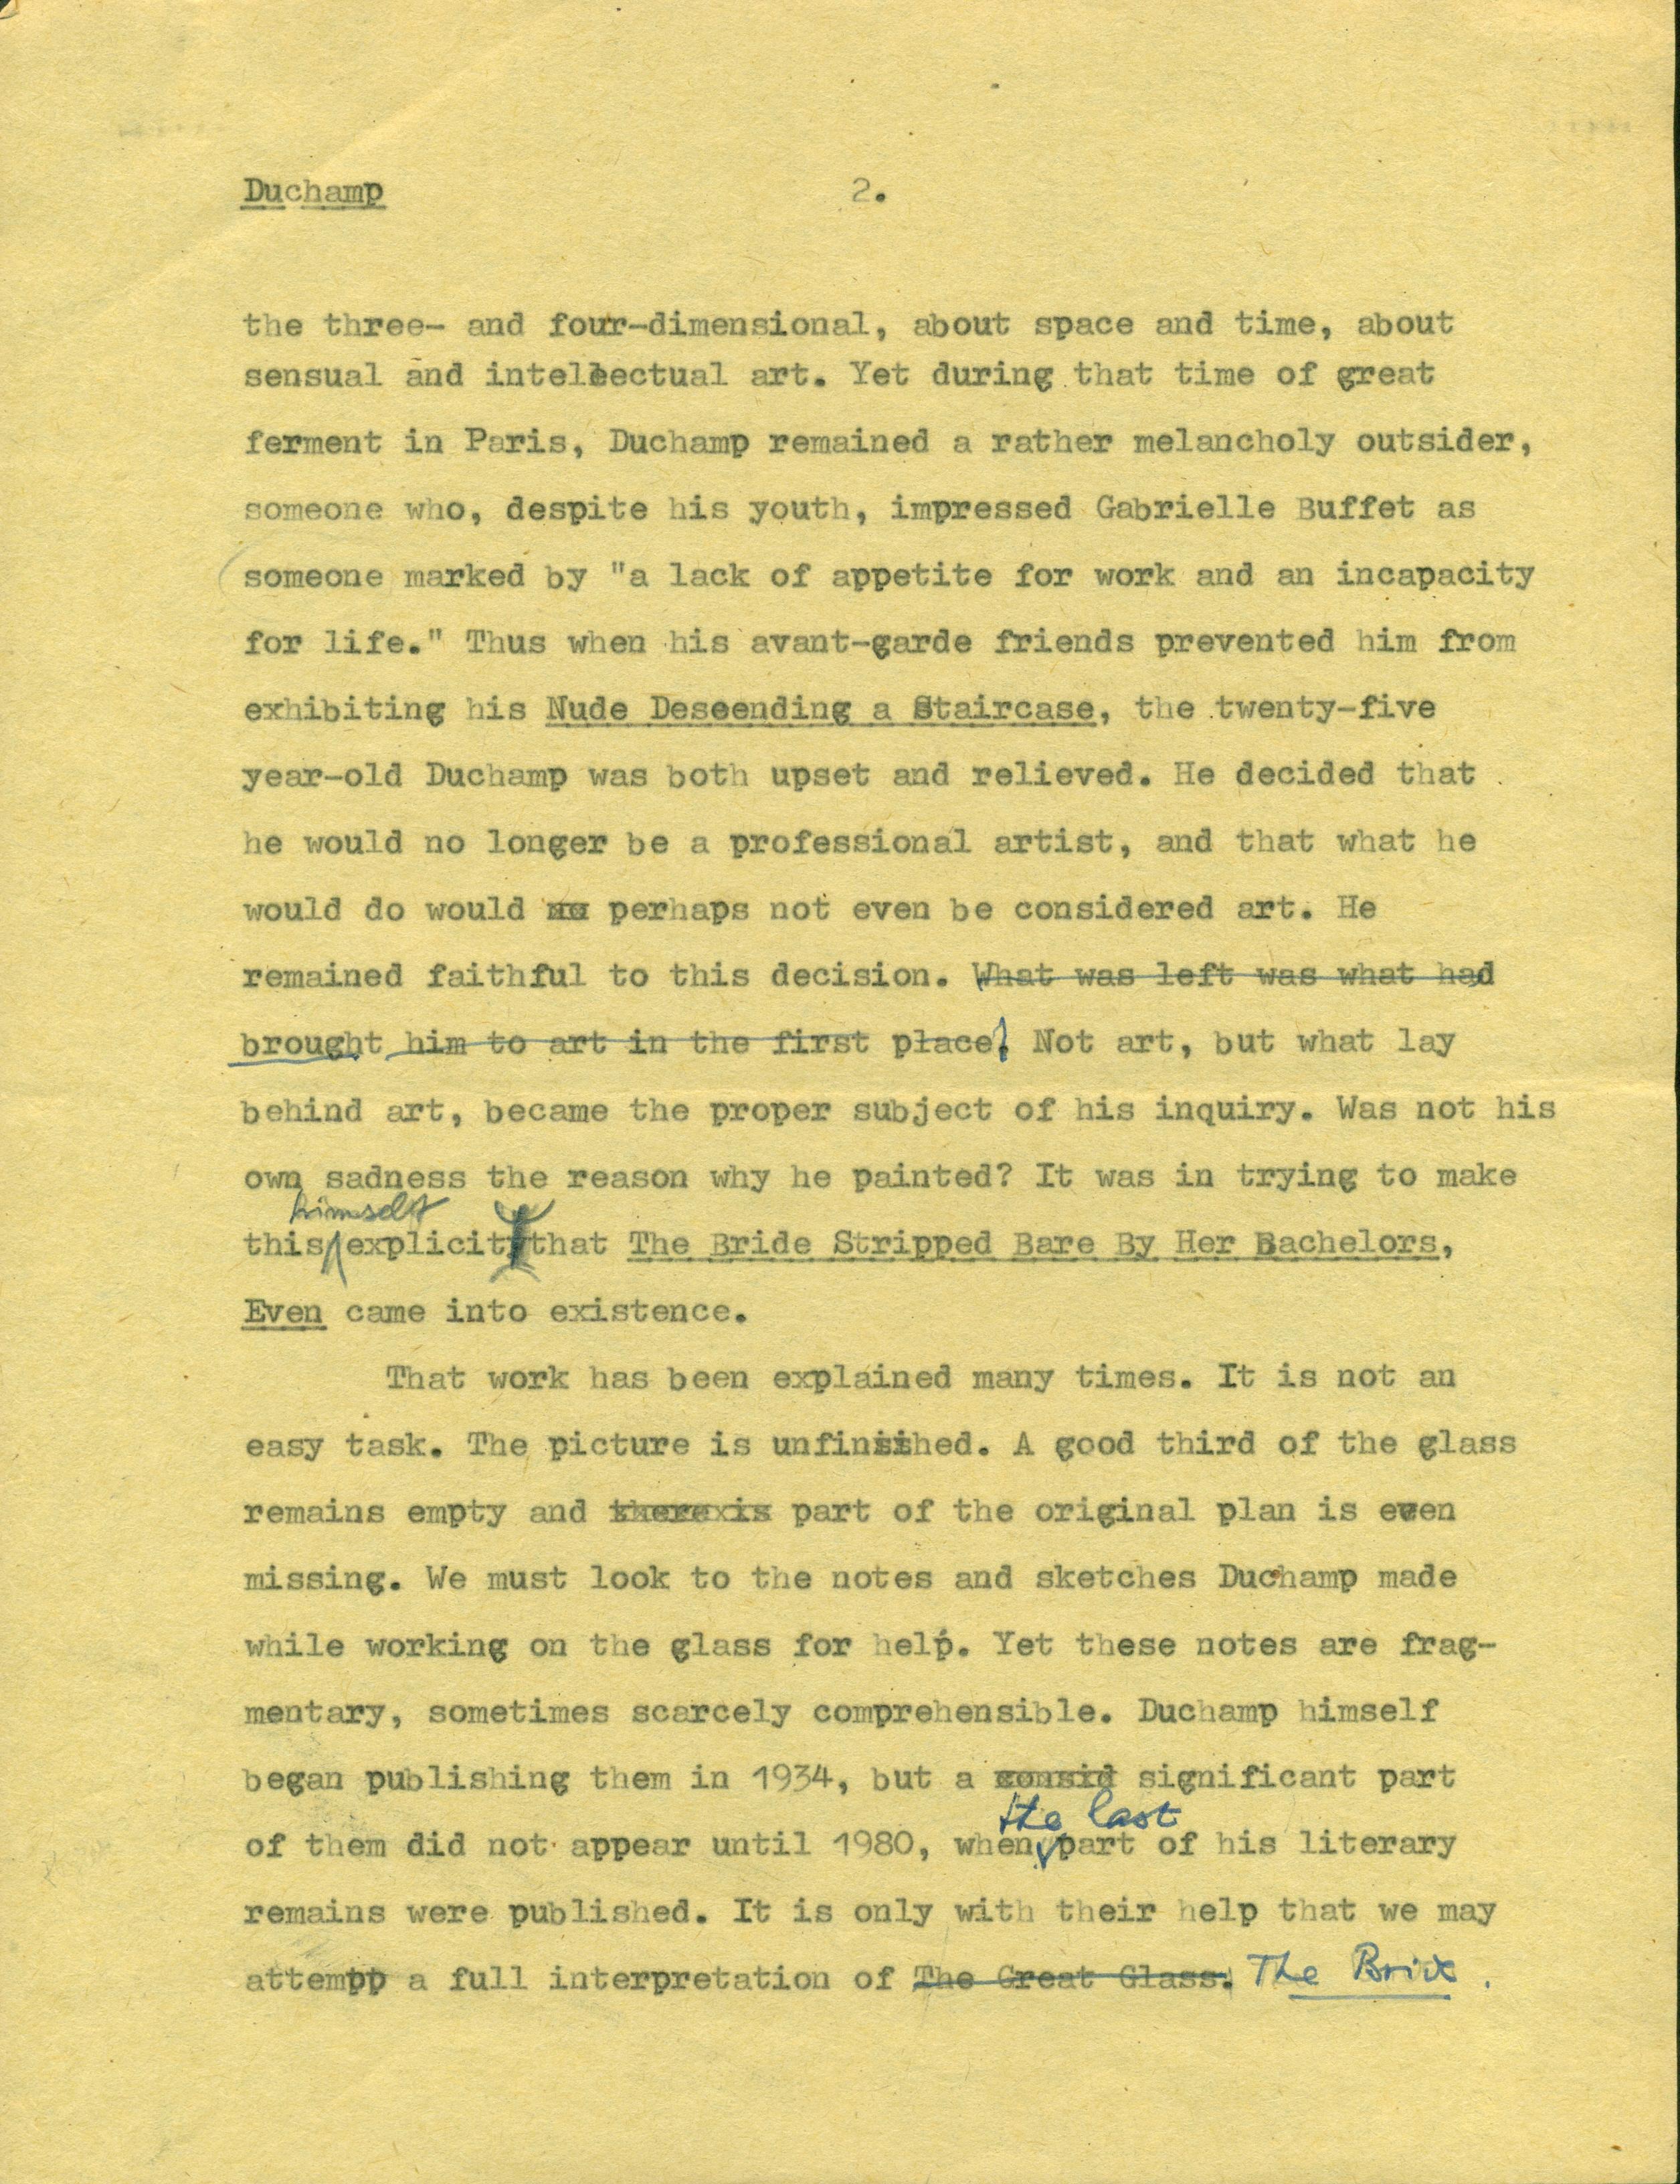 Jindřich Chalupecký: Marcel Duchamp: A Re-Evaluation, 1981